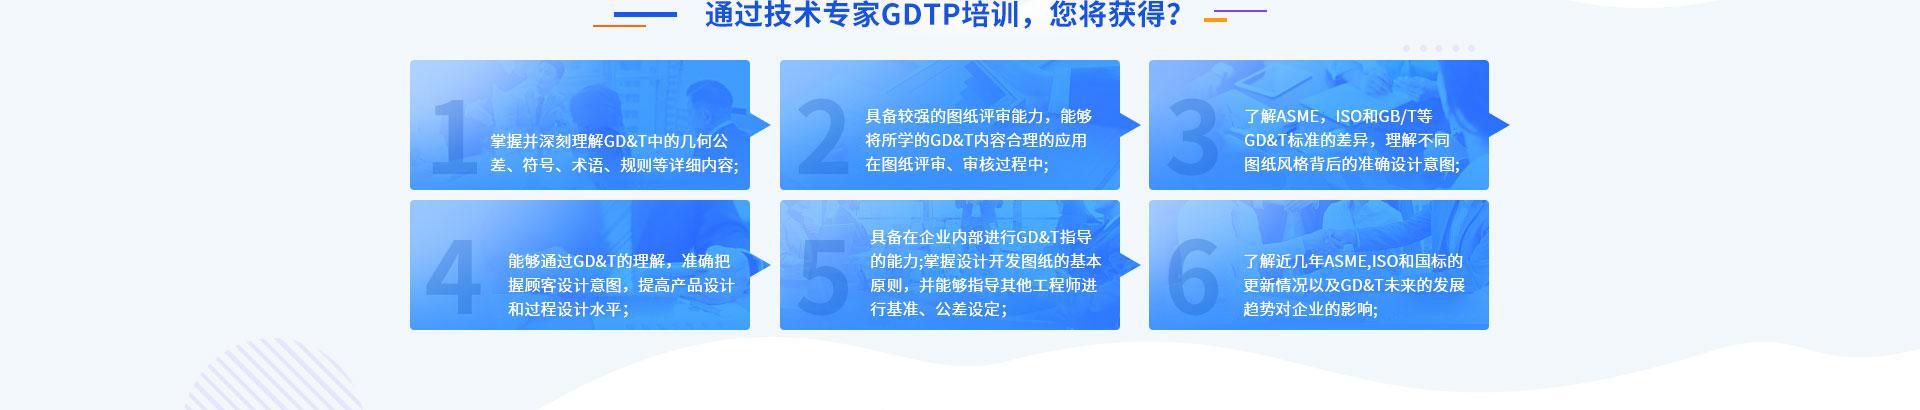 通过技术专家GDTP培训,您将获得?